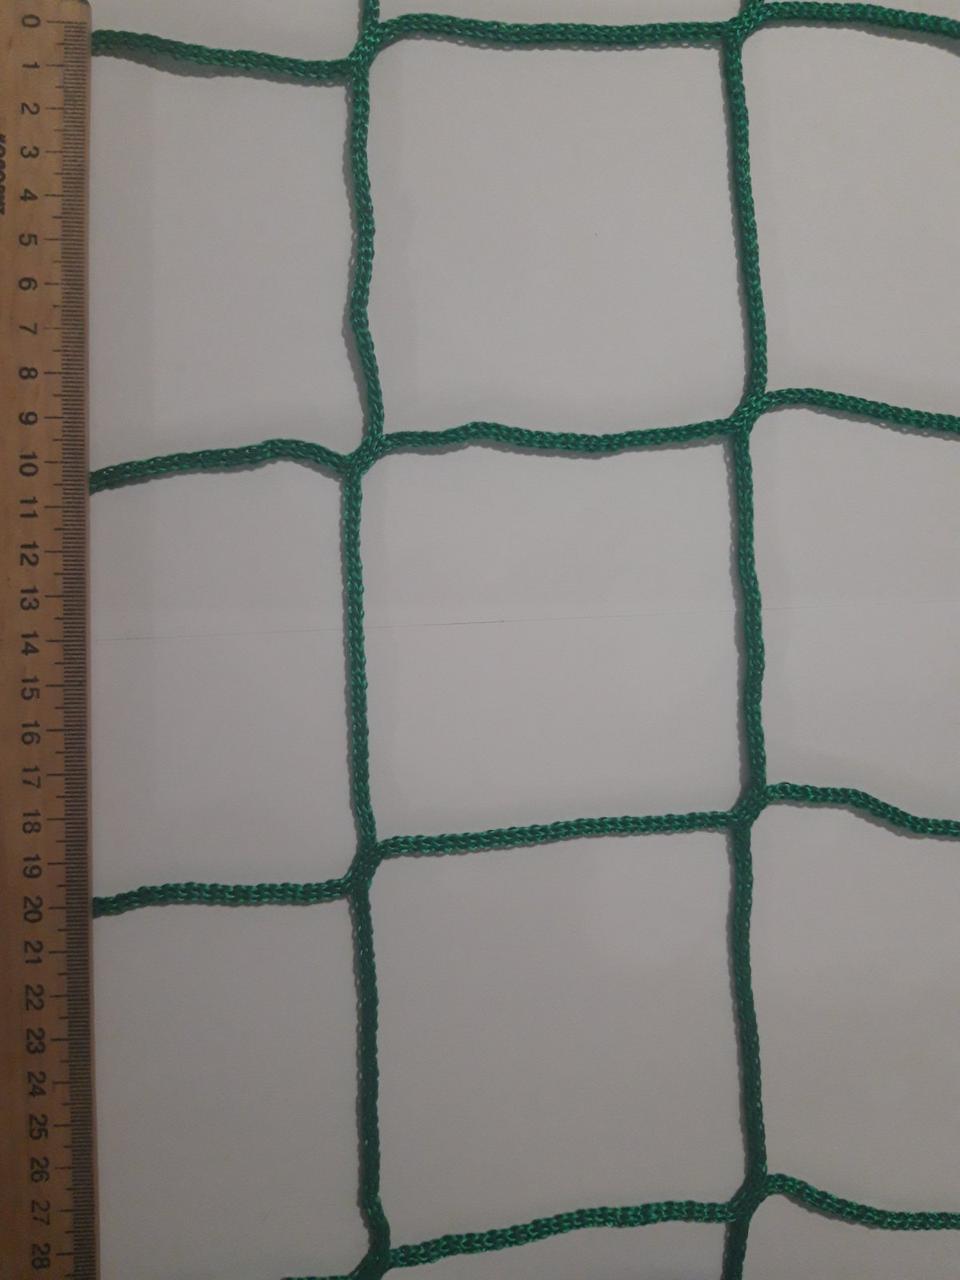 Сетка спорт капрон заградительная шнур 3,5 мм ячейка 75 мм